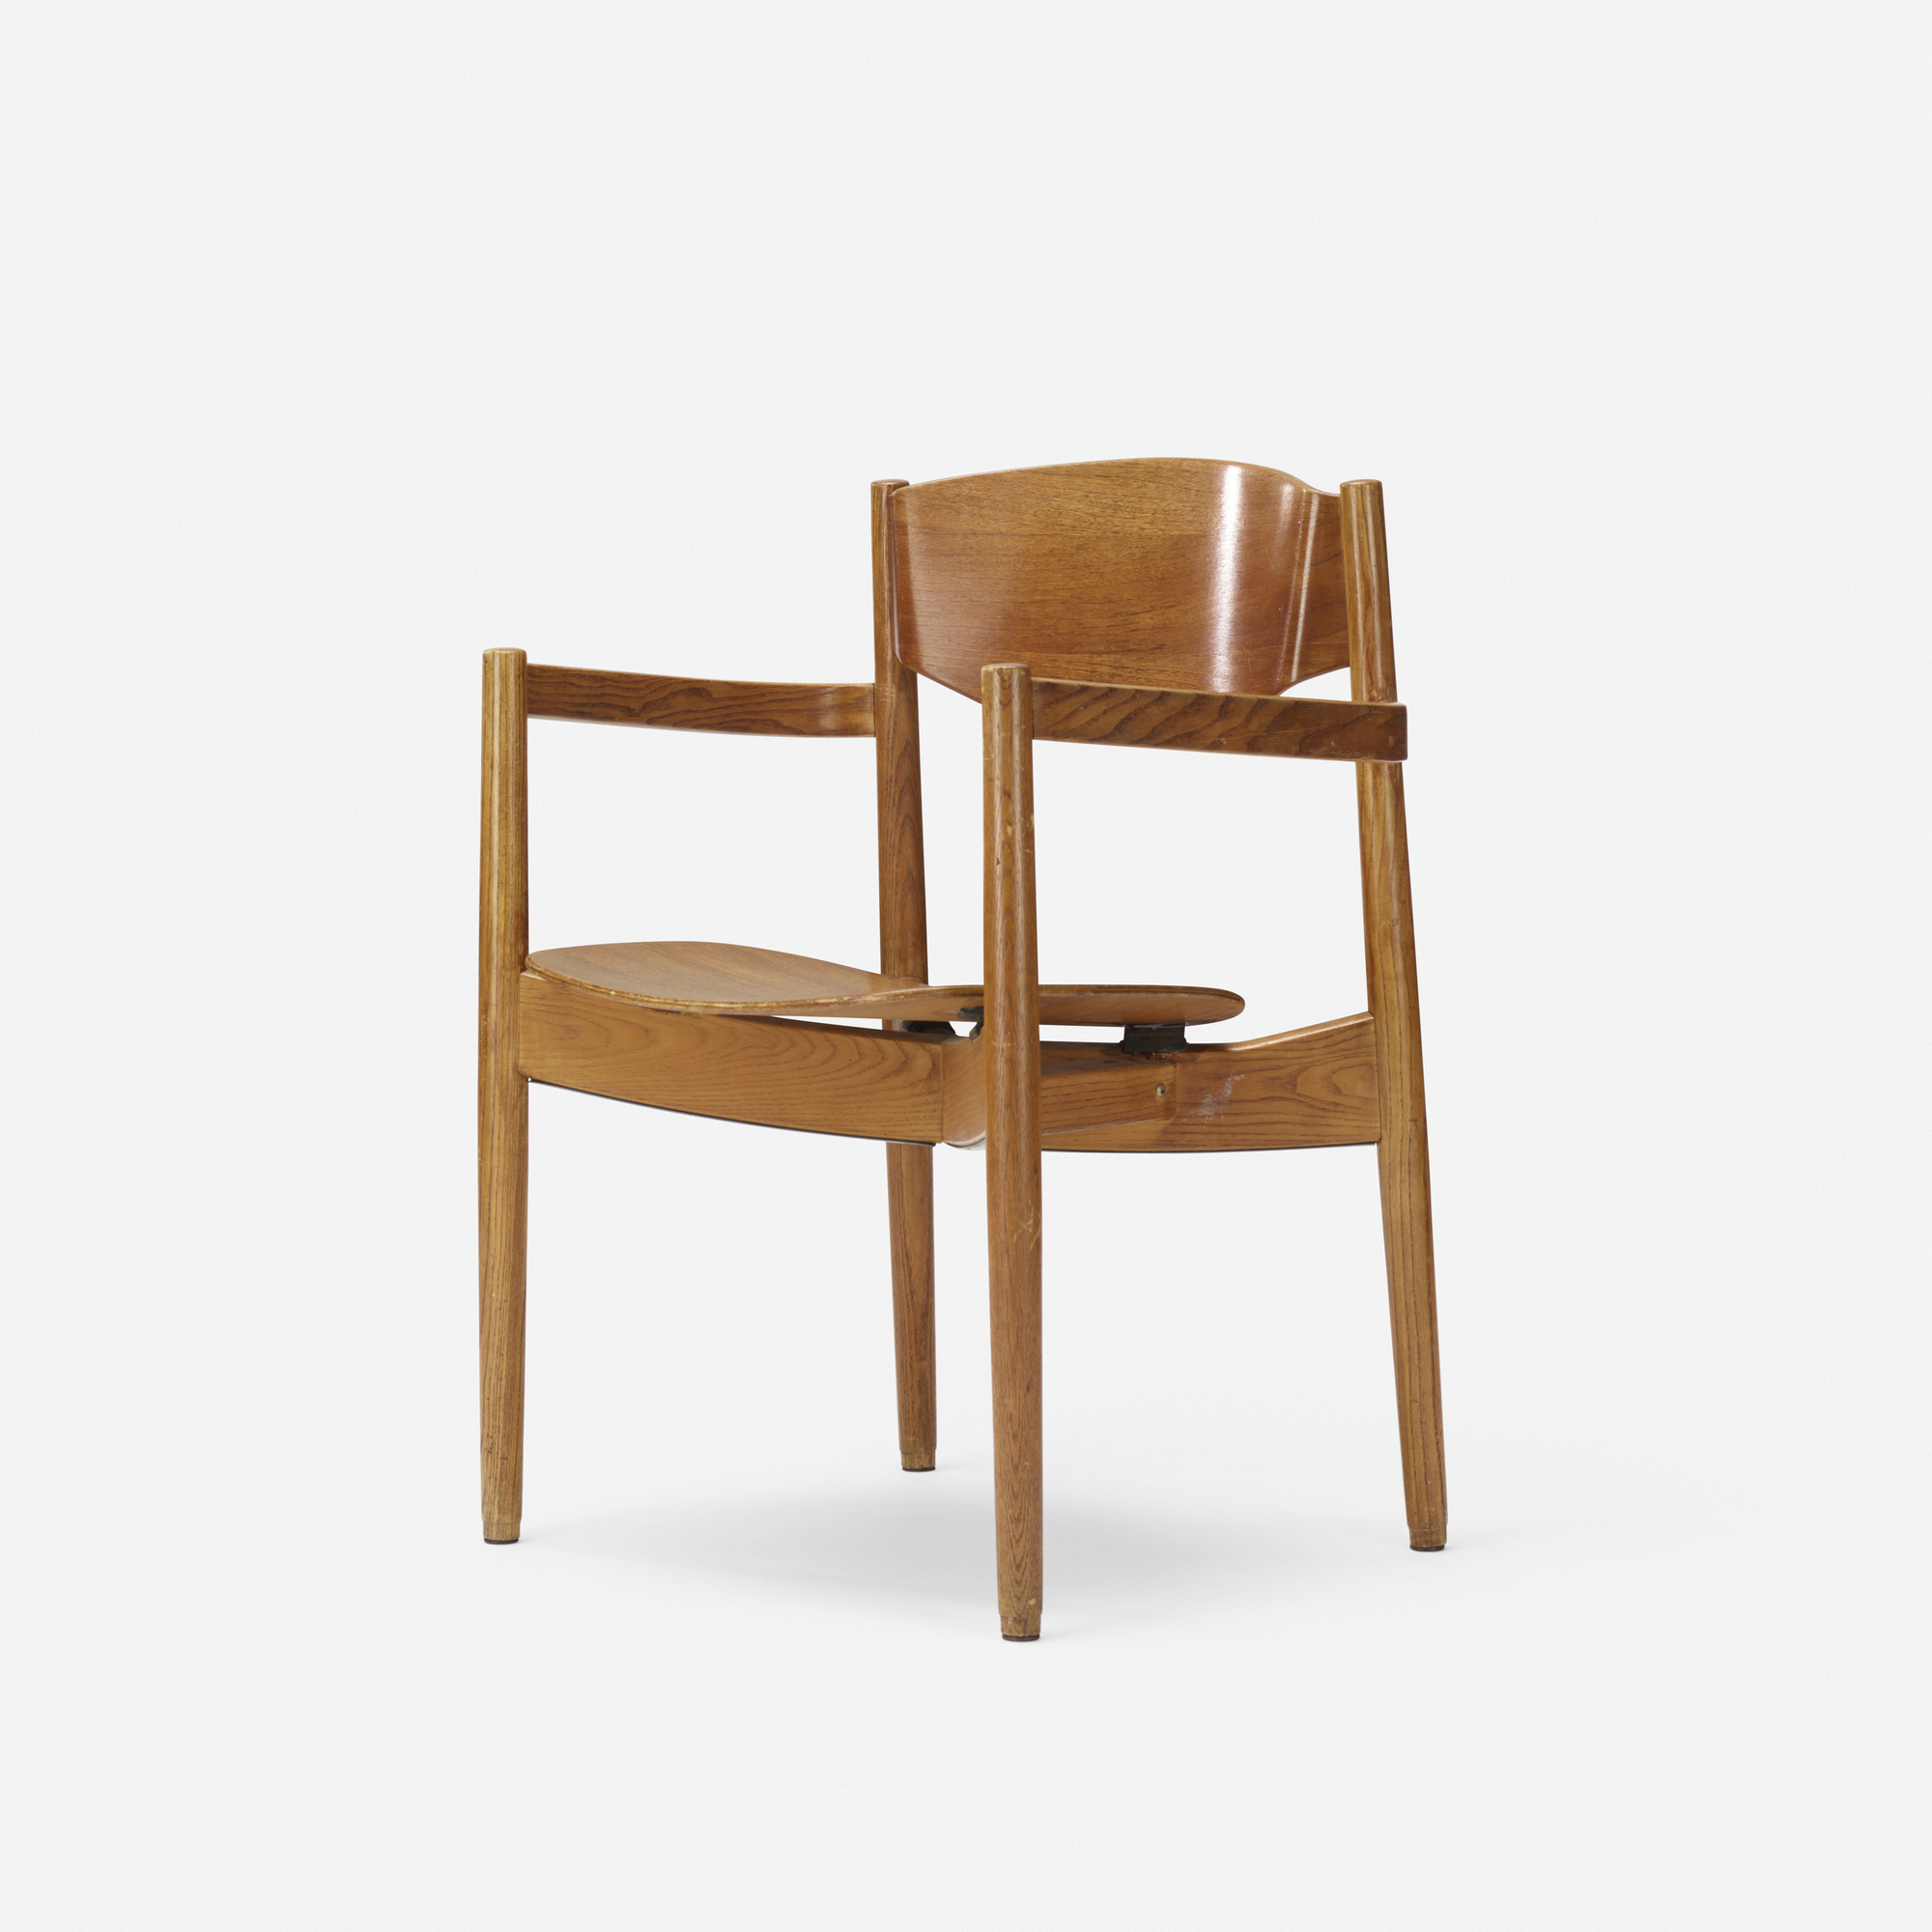 681: JENS RISOM, armchair